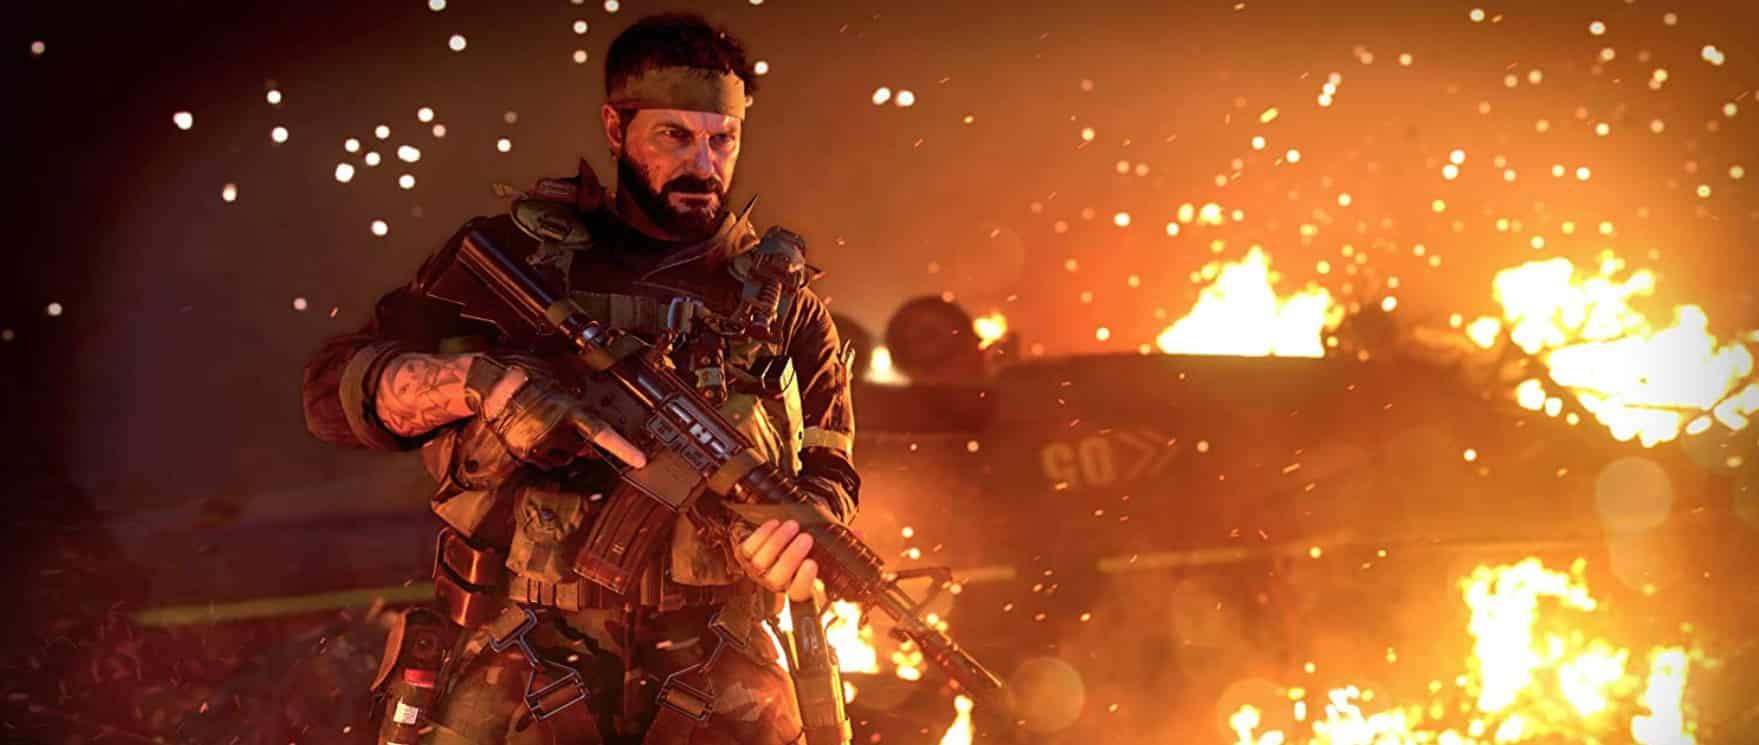 Comparatif pour choisir le meilleur jeu de guerre PS4